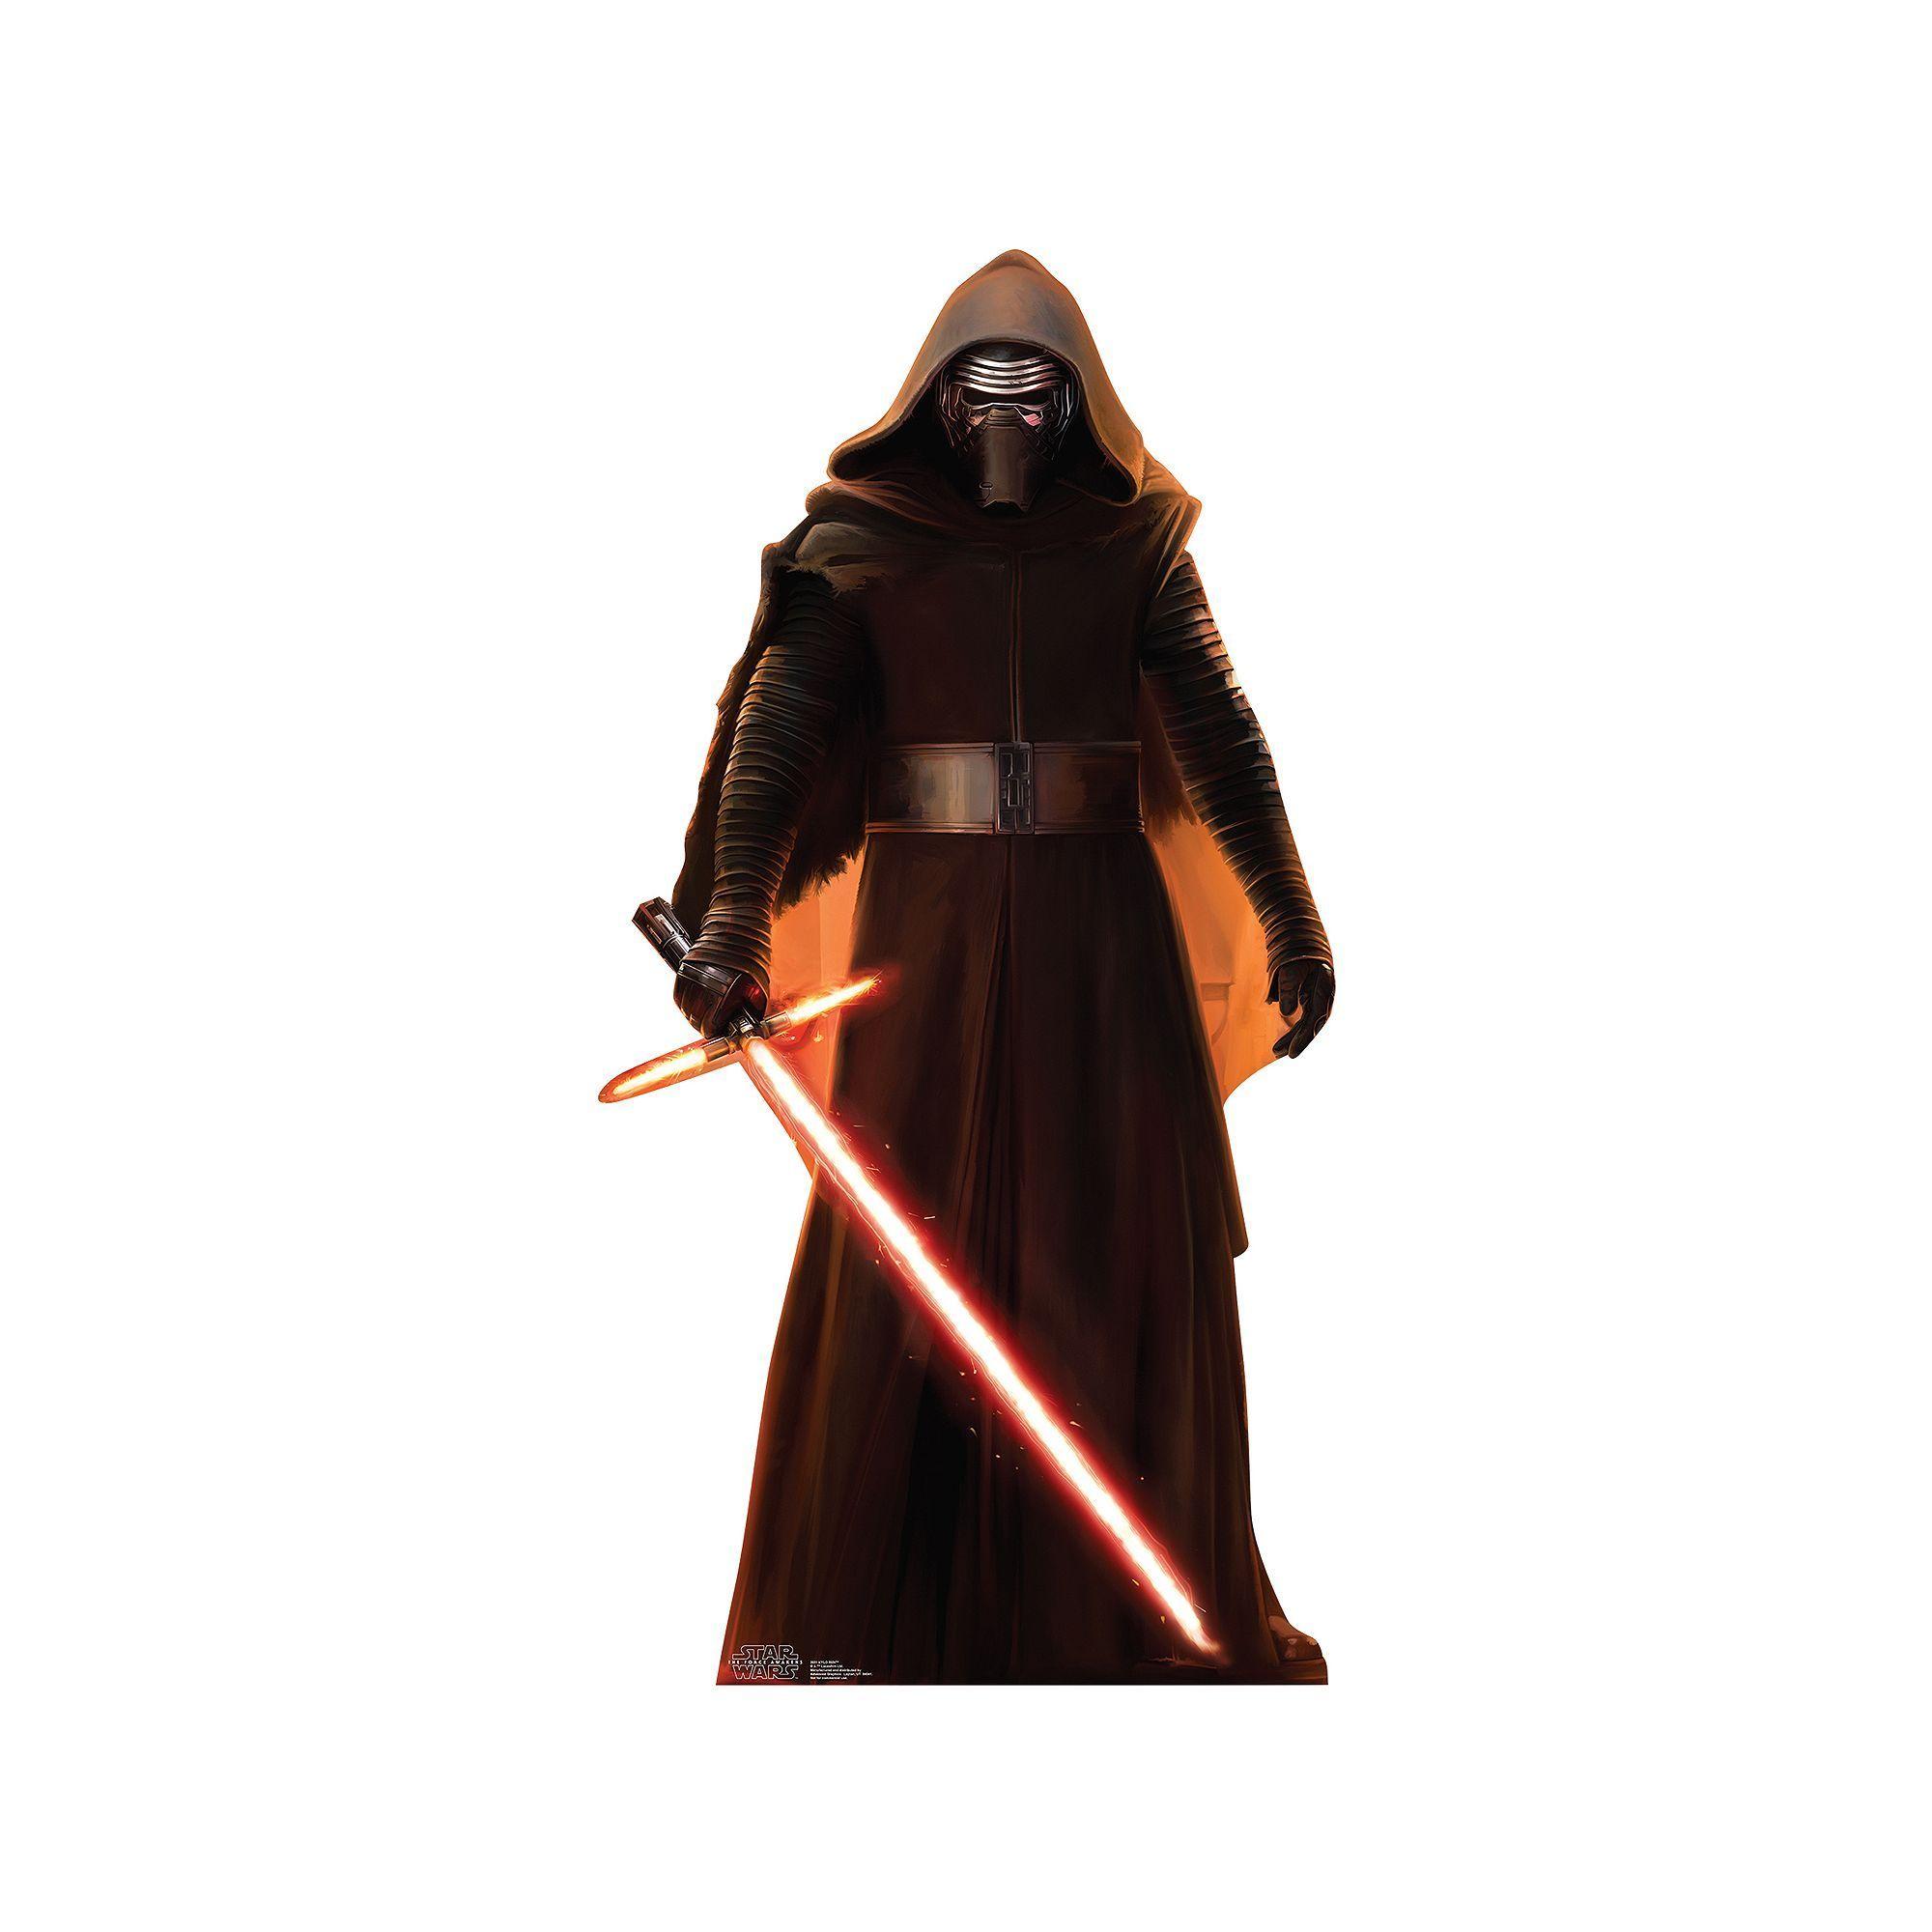 Film-fanartikel 184 Cm Aufsteller & Figuren Star Wars Ep7 Kylo Ren Pappaufsteller Pappfigur Standy Ca